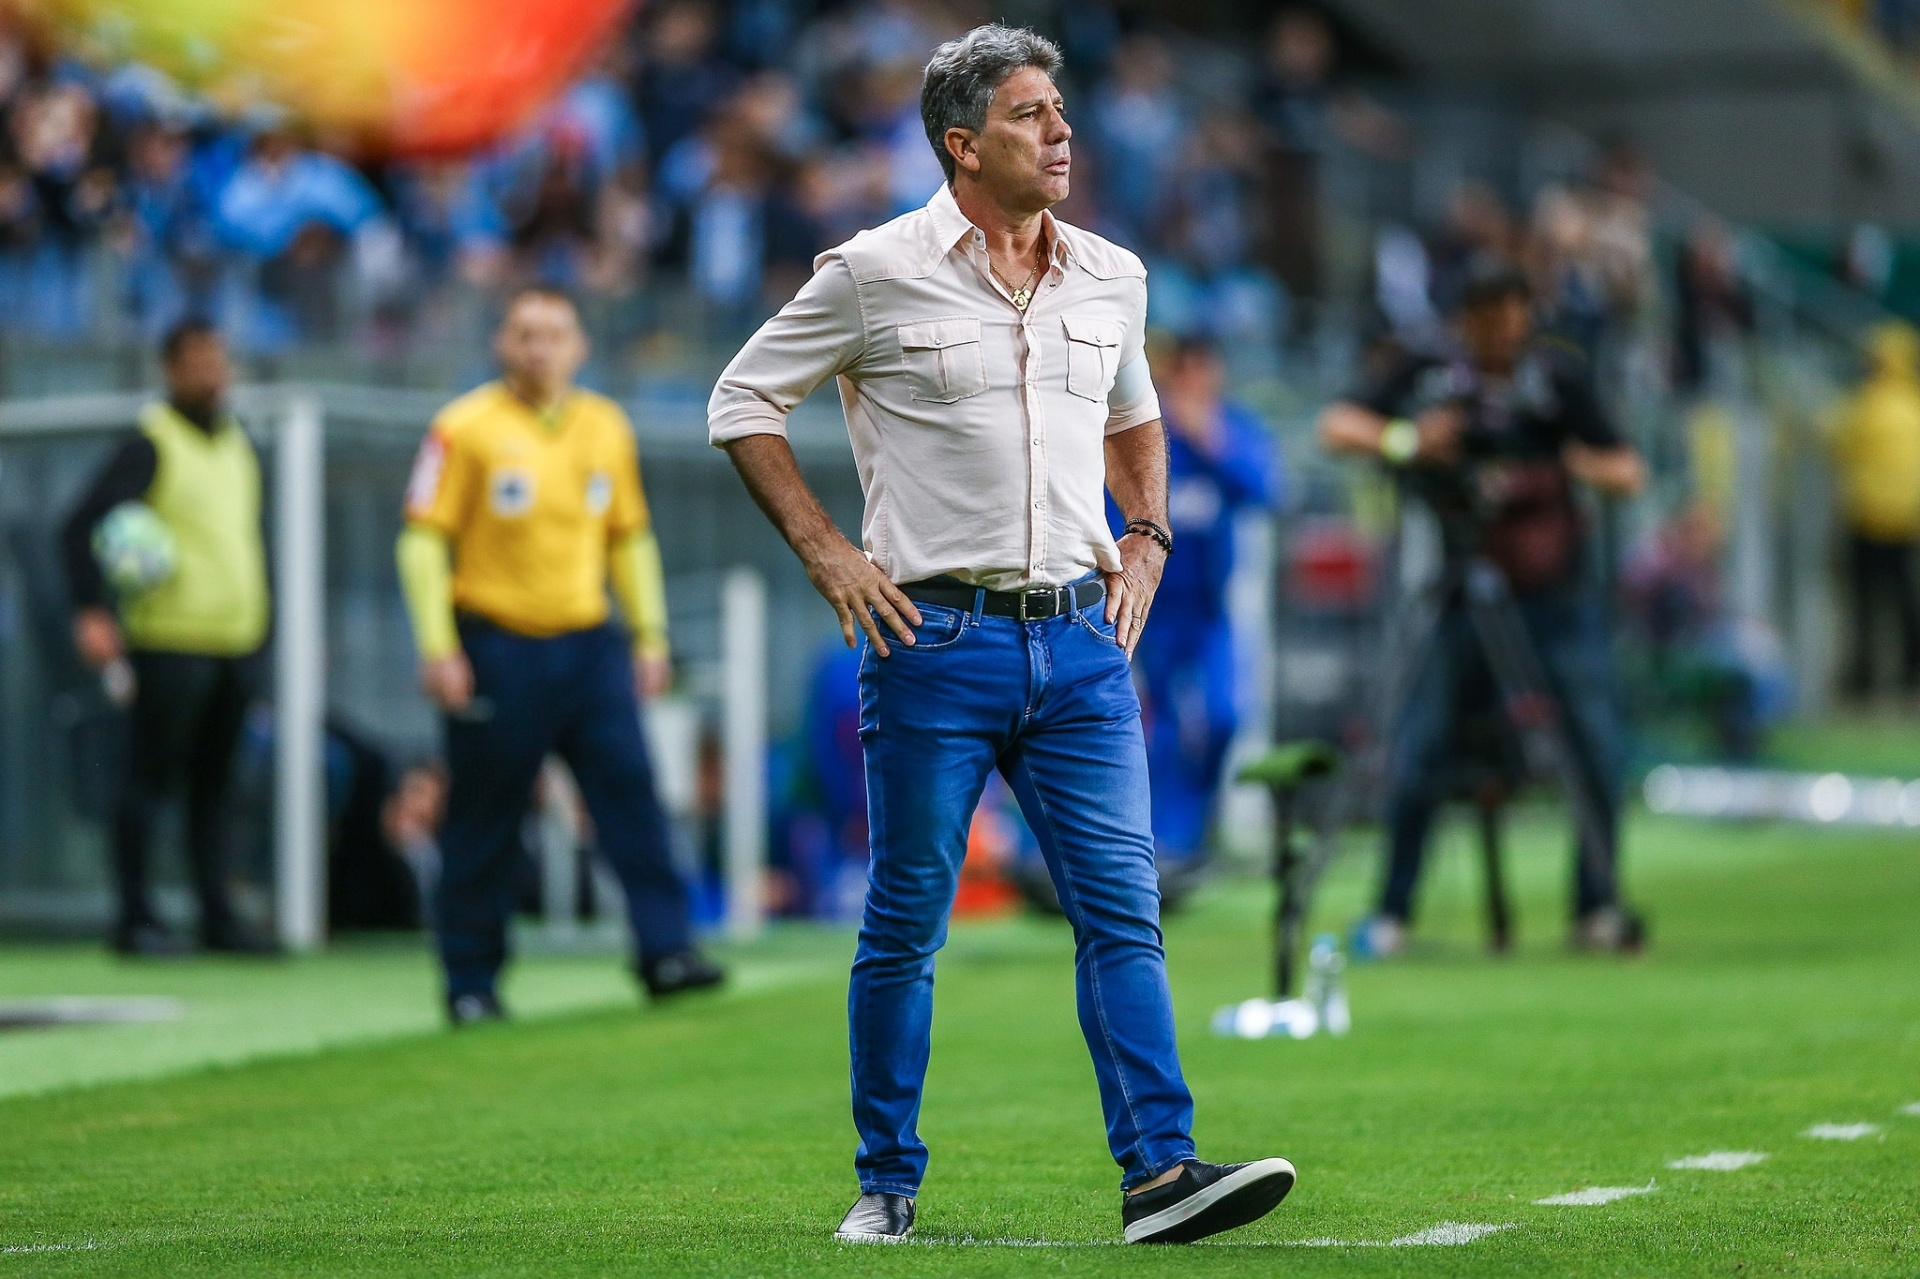 Grêmio monta projeção de pontos para seguir na briga pelo Brasileiro -  09 10 2018 - UOL Esporte 40fd976d7512a